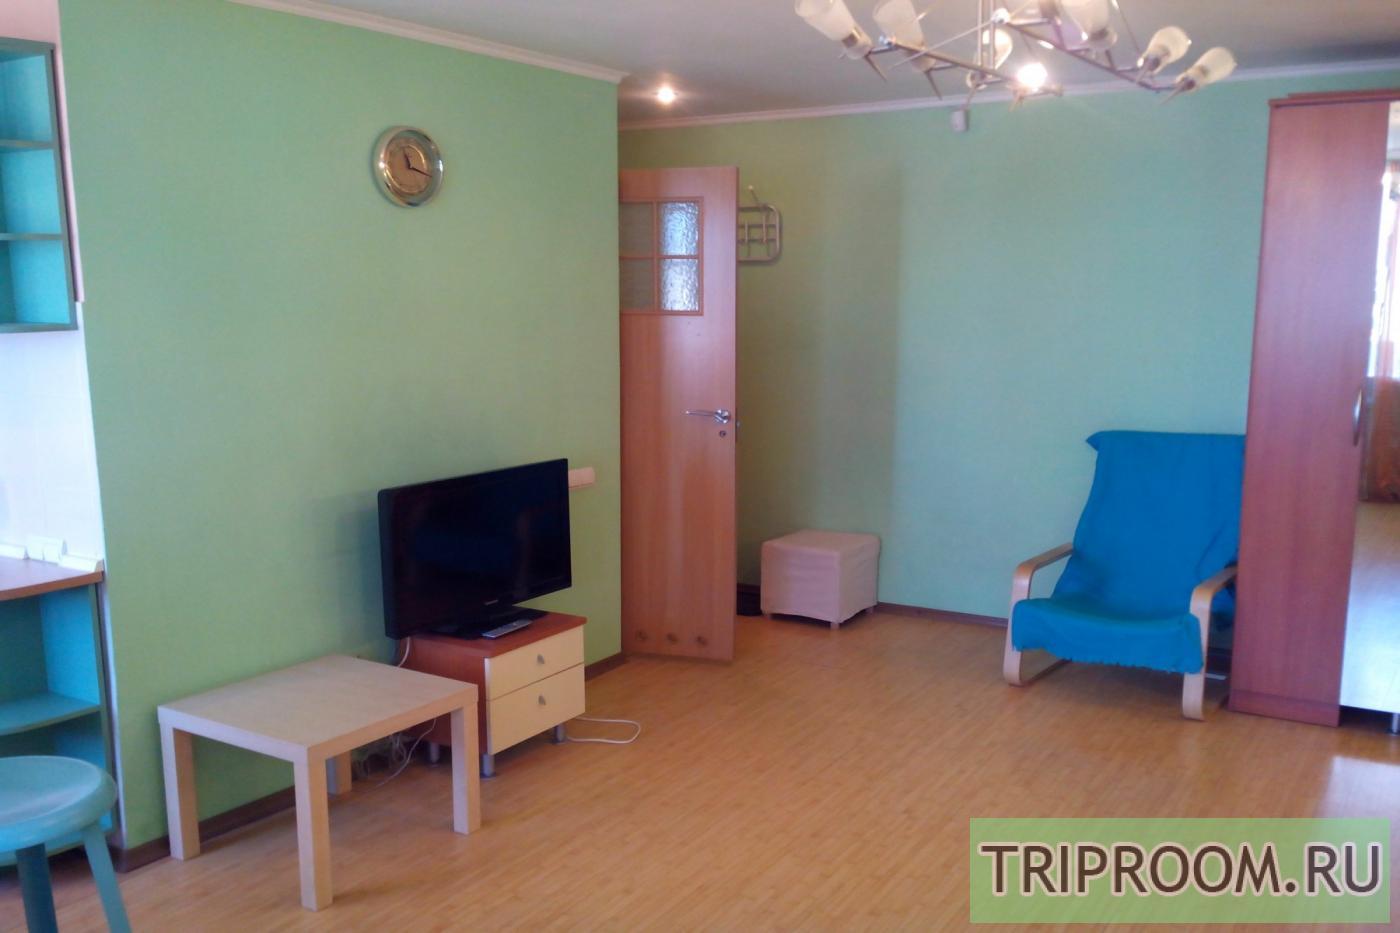 1-комнатная квартира посуточно (вариант № 8940), ул. Советская улица, фото № 21